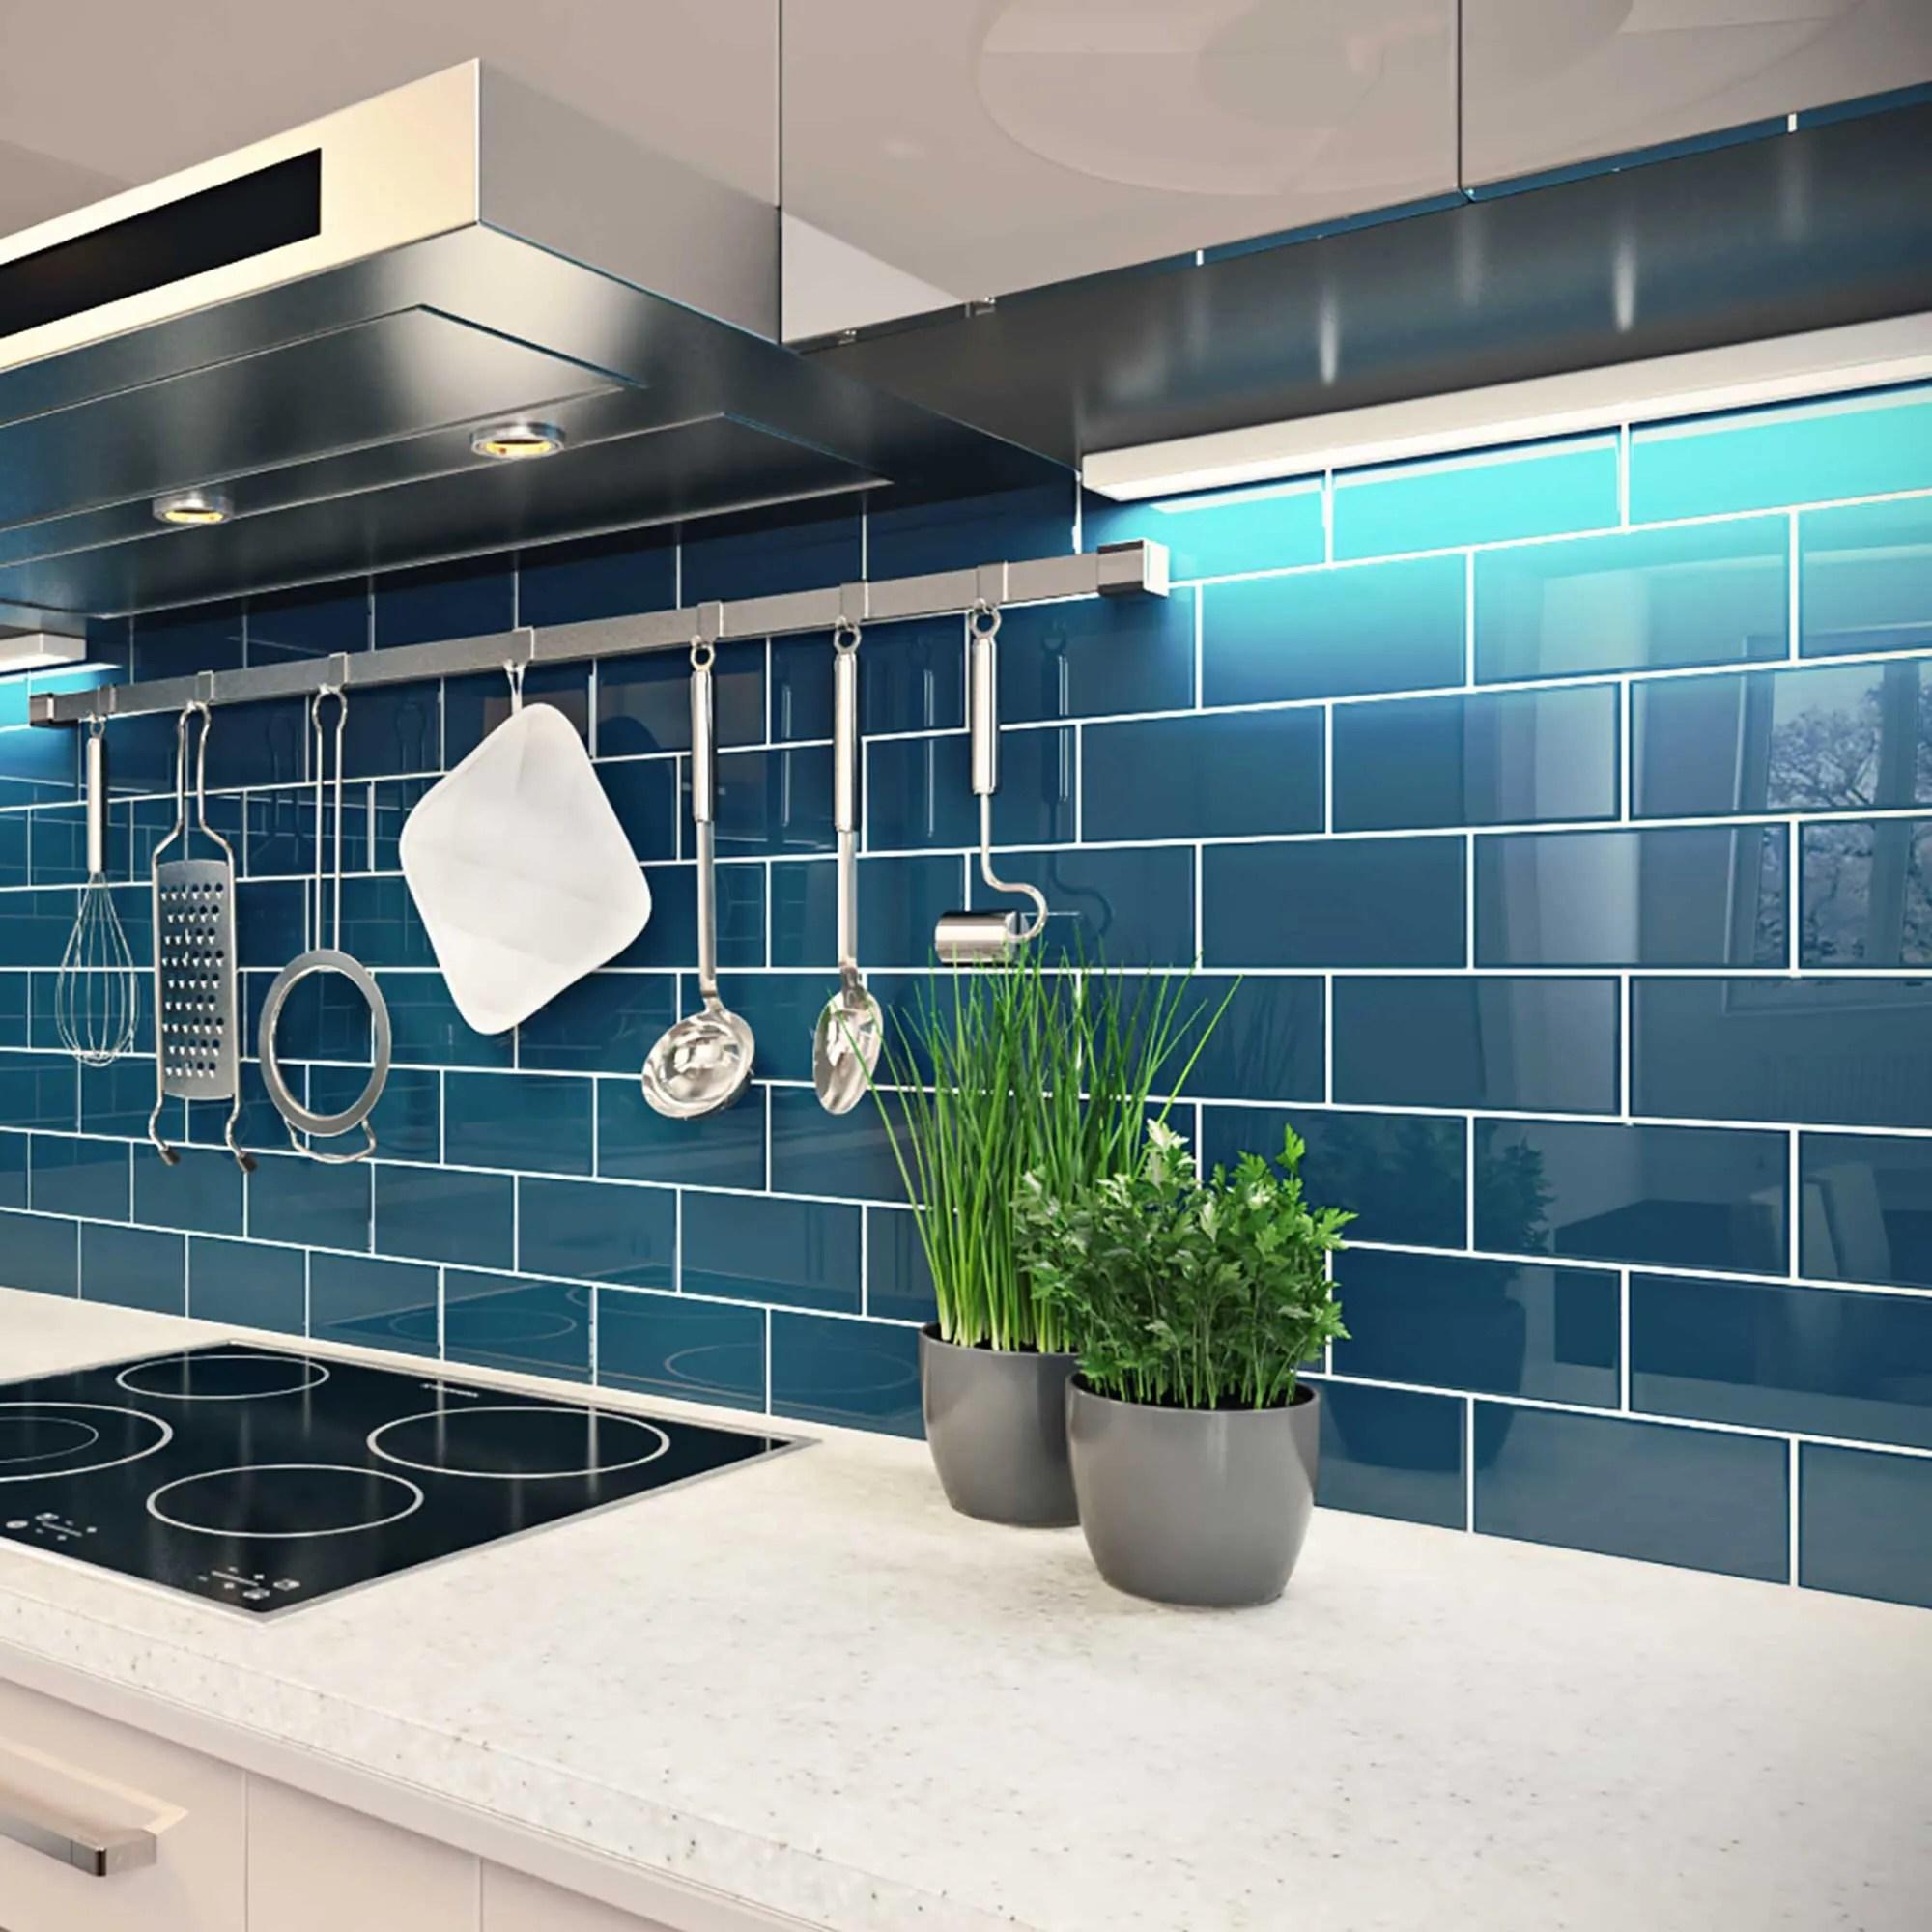 buy blue backsplash tiles online at